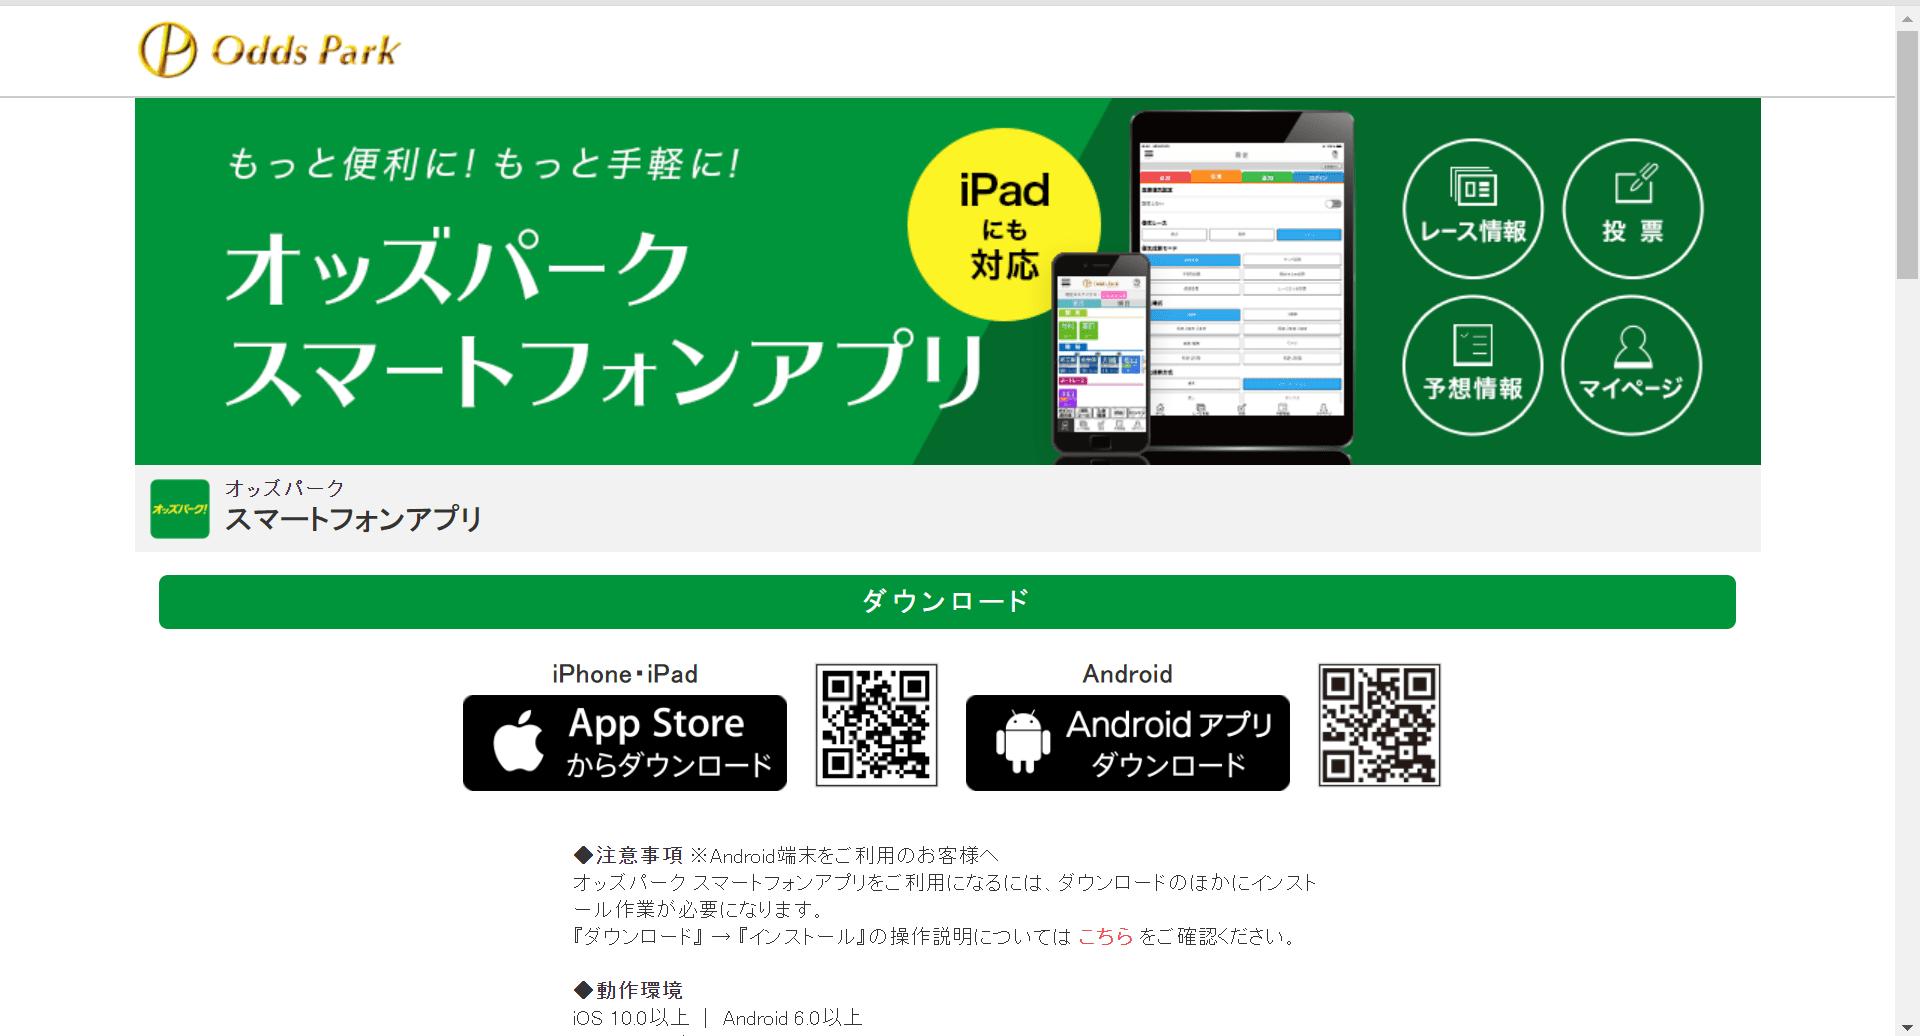 オッズパークアプリ